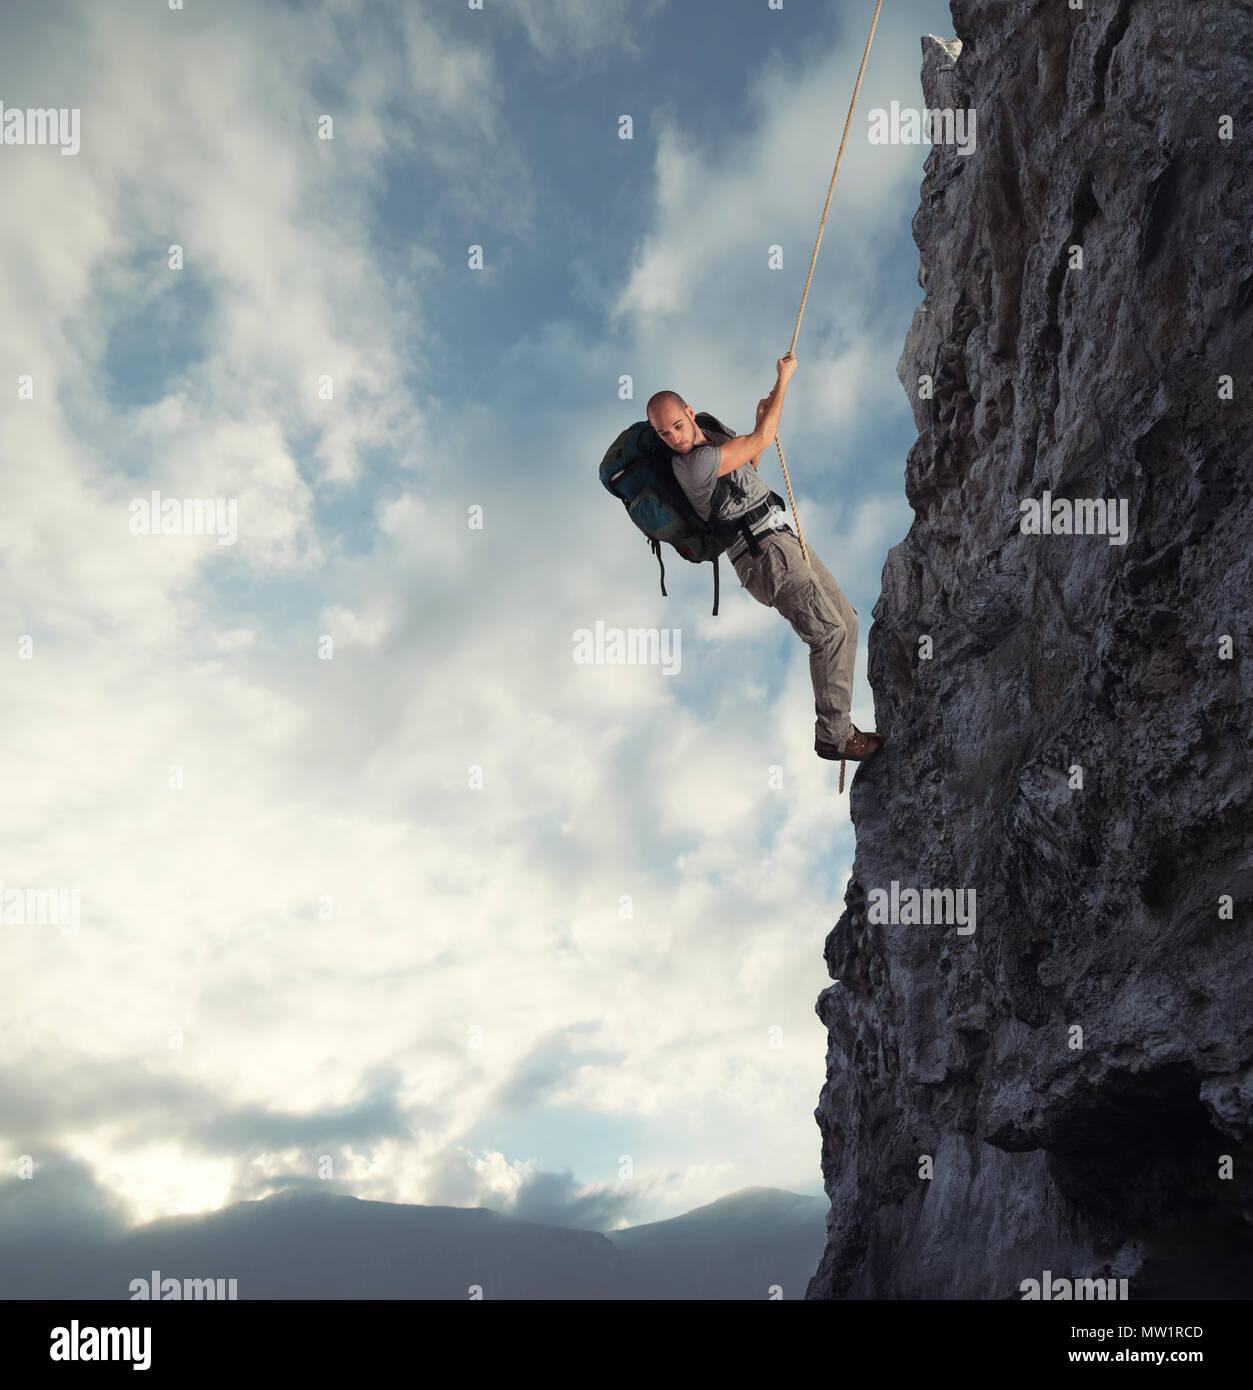 L'homme grimpe un danger élevé avec une corde de montagne Photo Stock